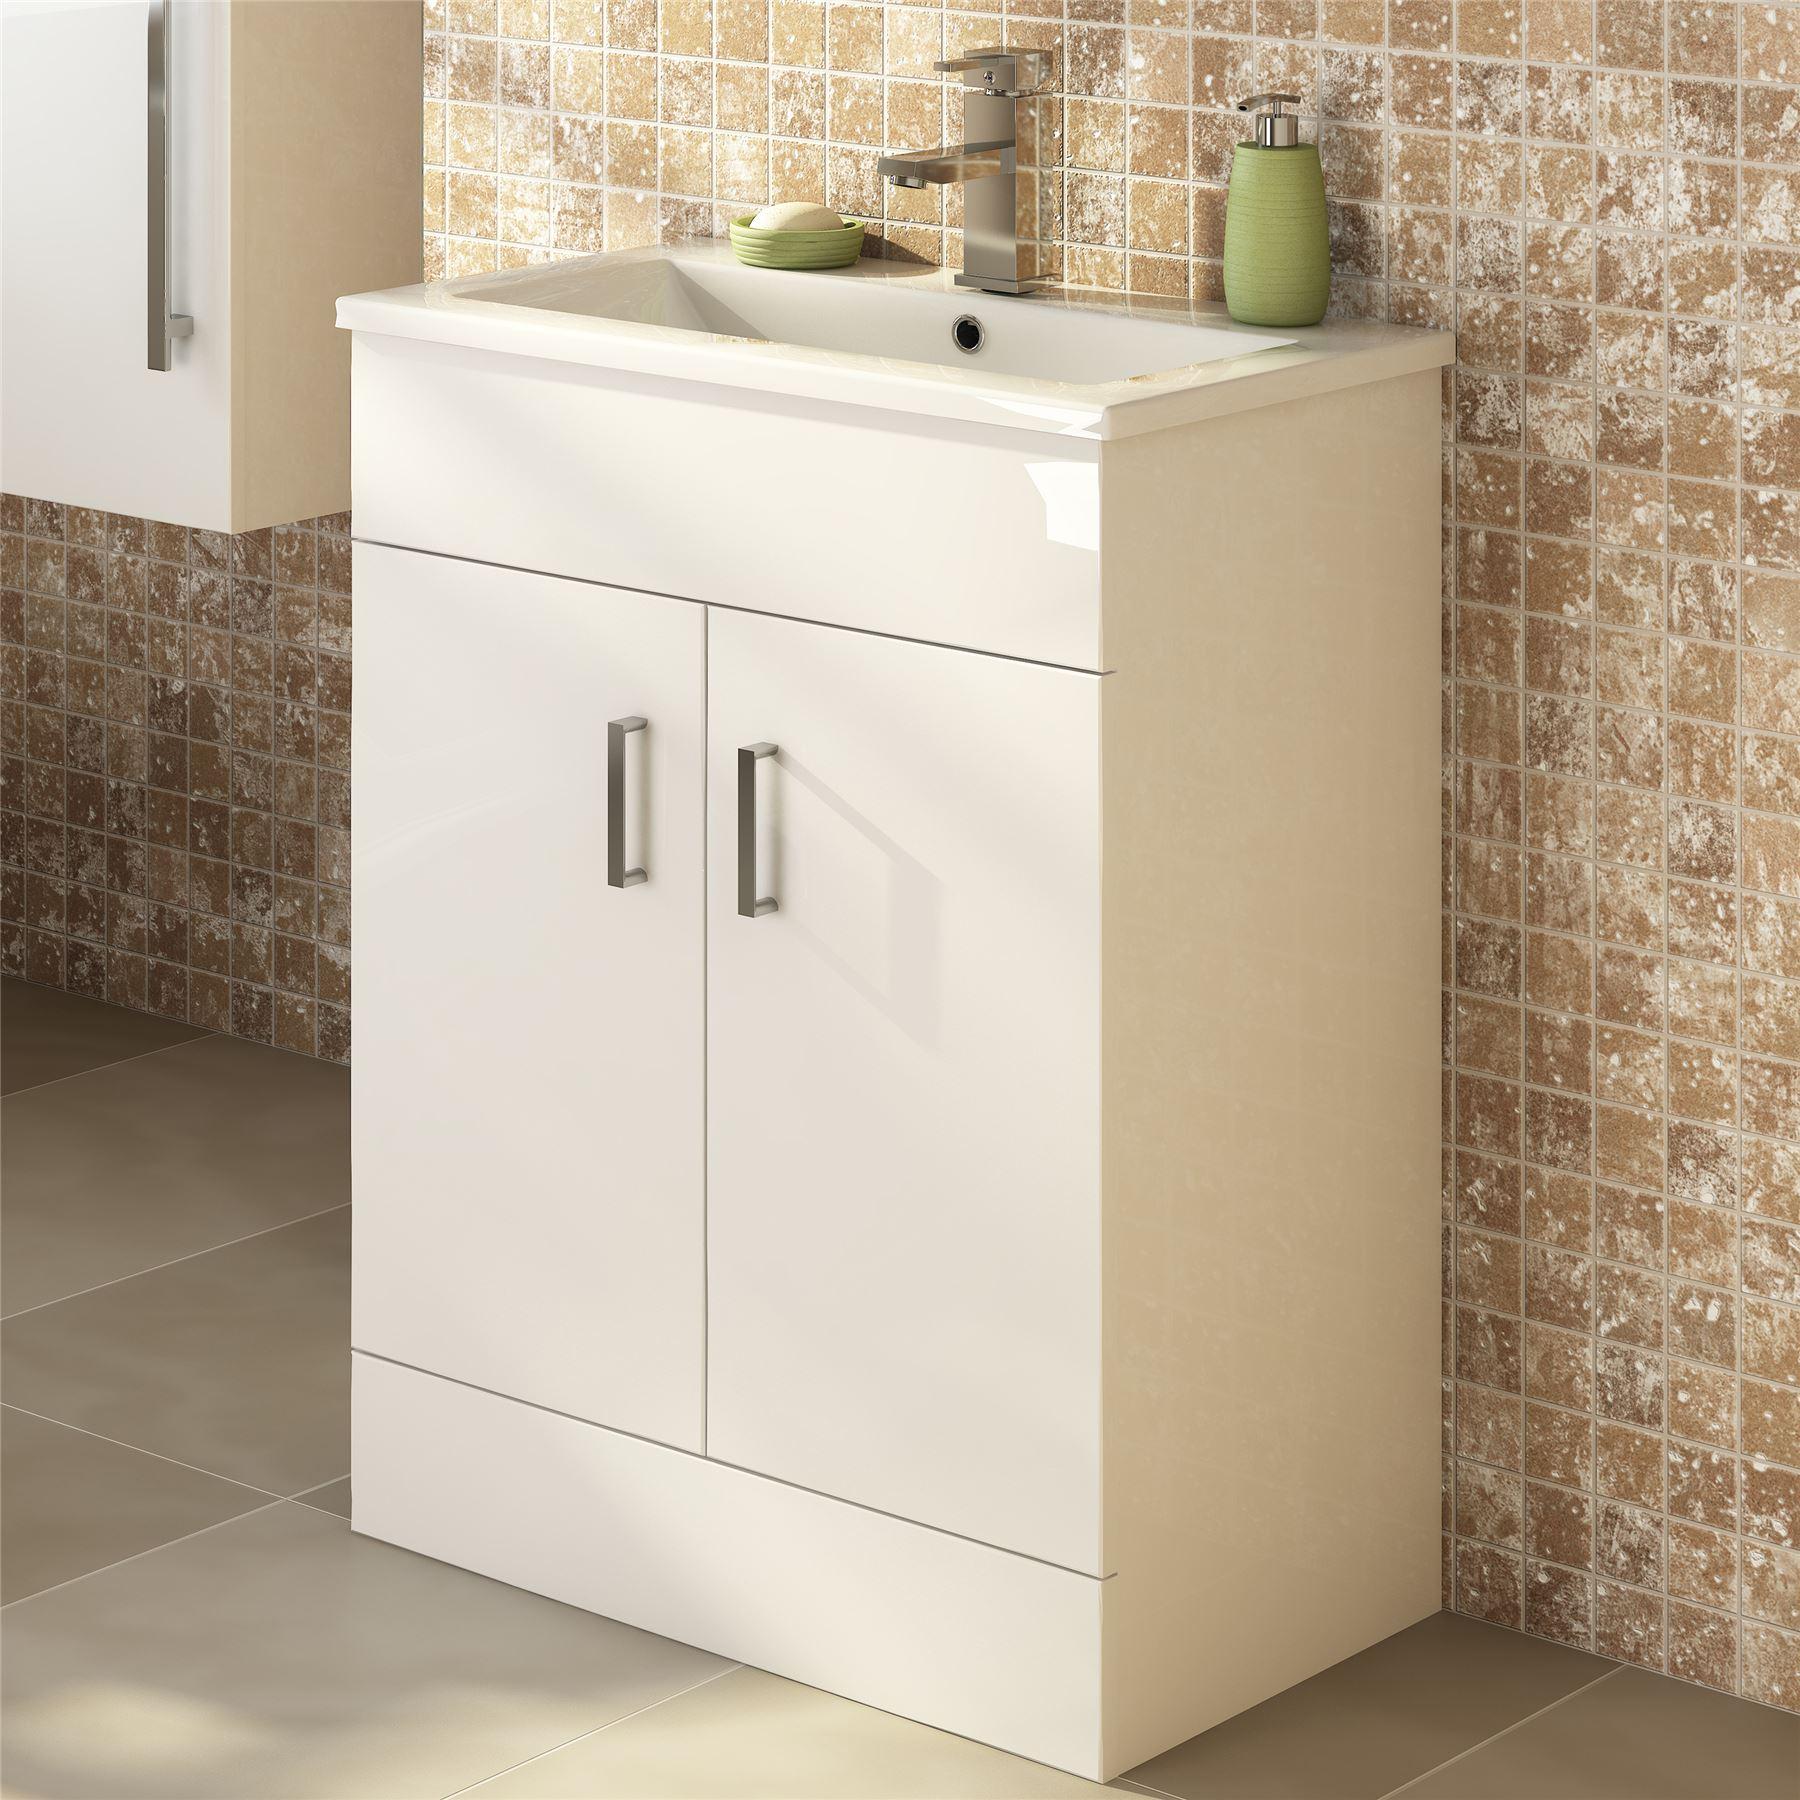 450mm modern white bathroom floor standing vanity unit - Bathroom sink units free standing ...